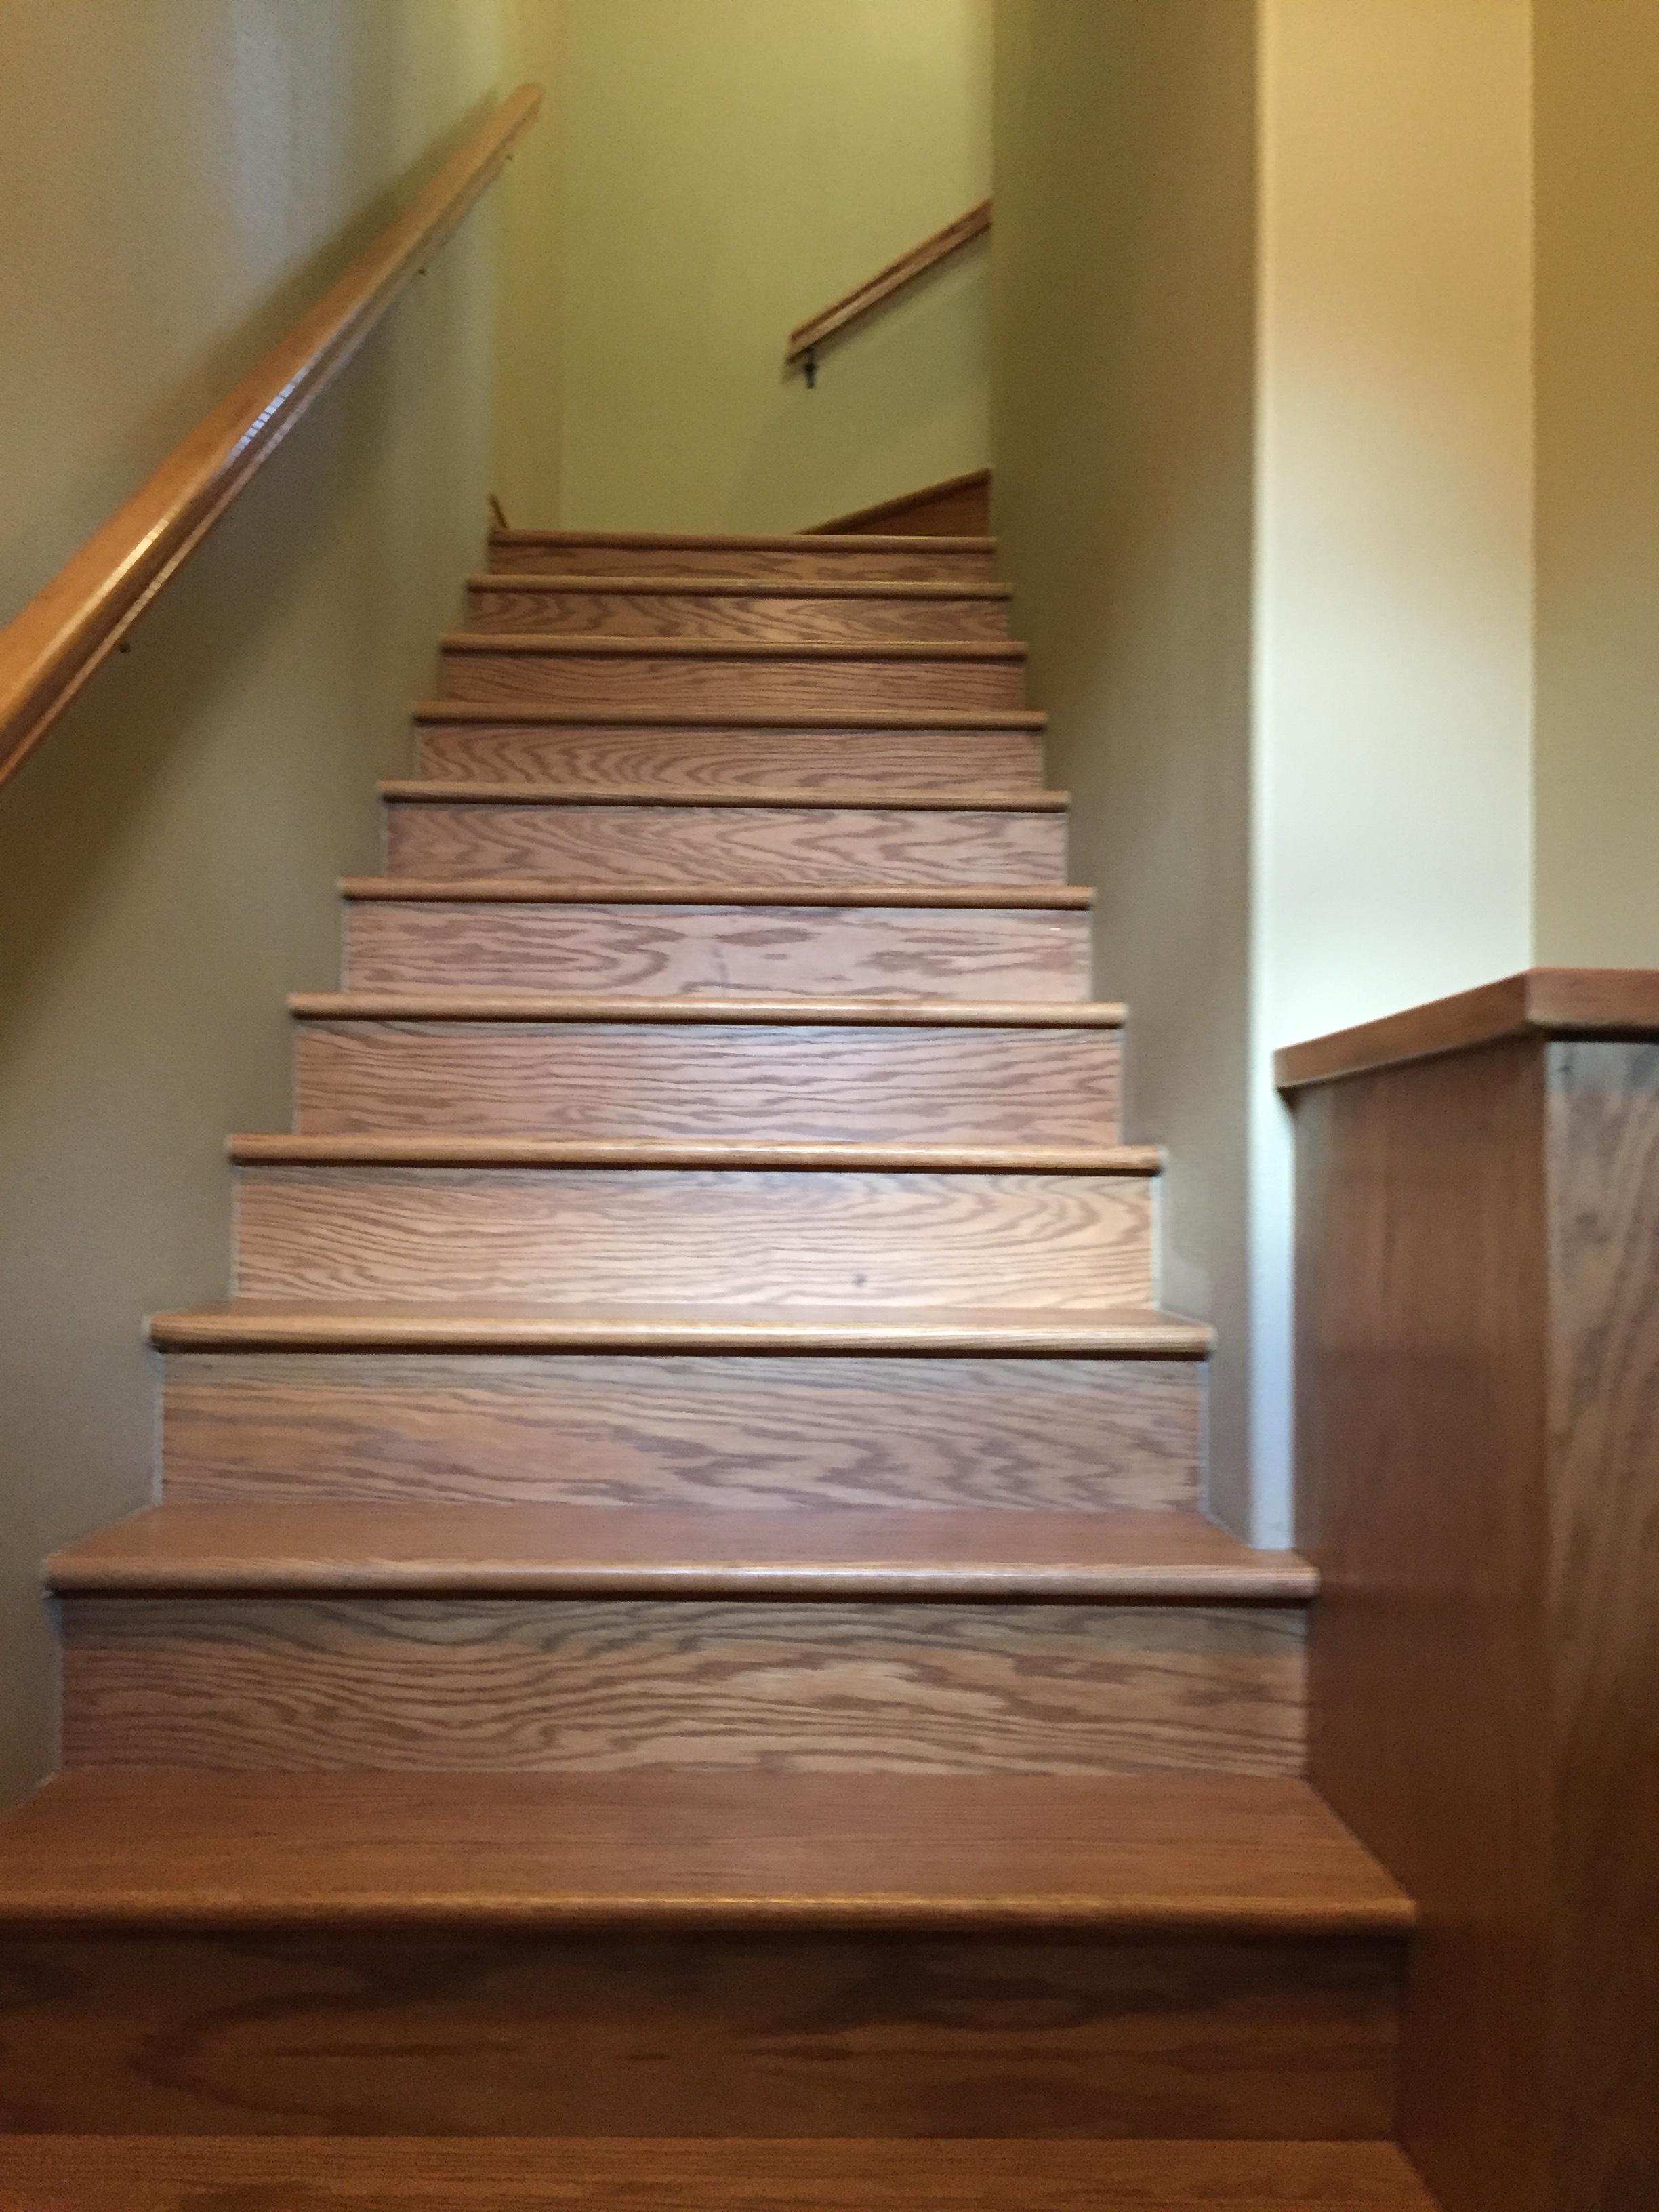 2011 se nova ave unit 4 stair up